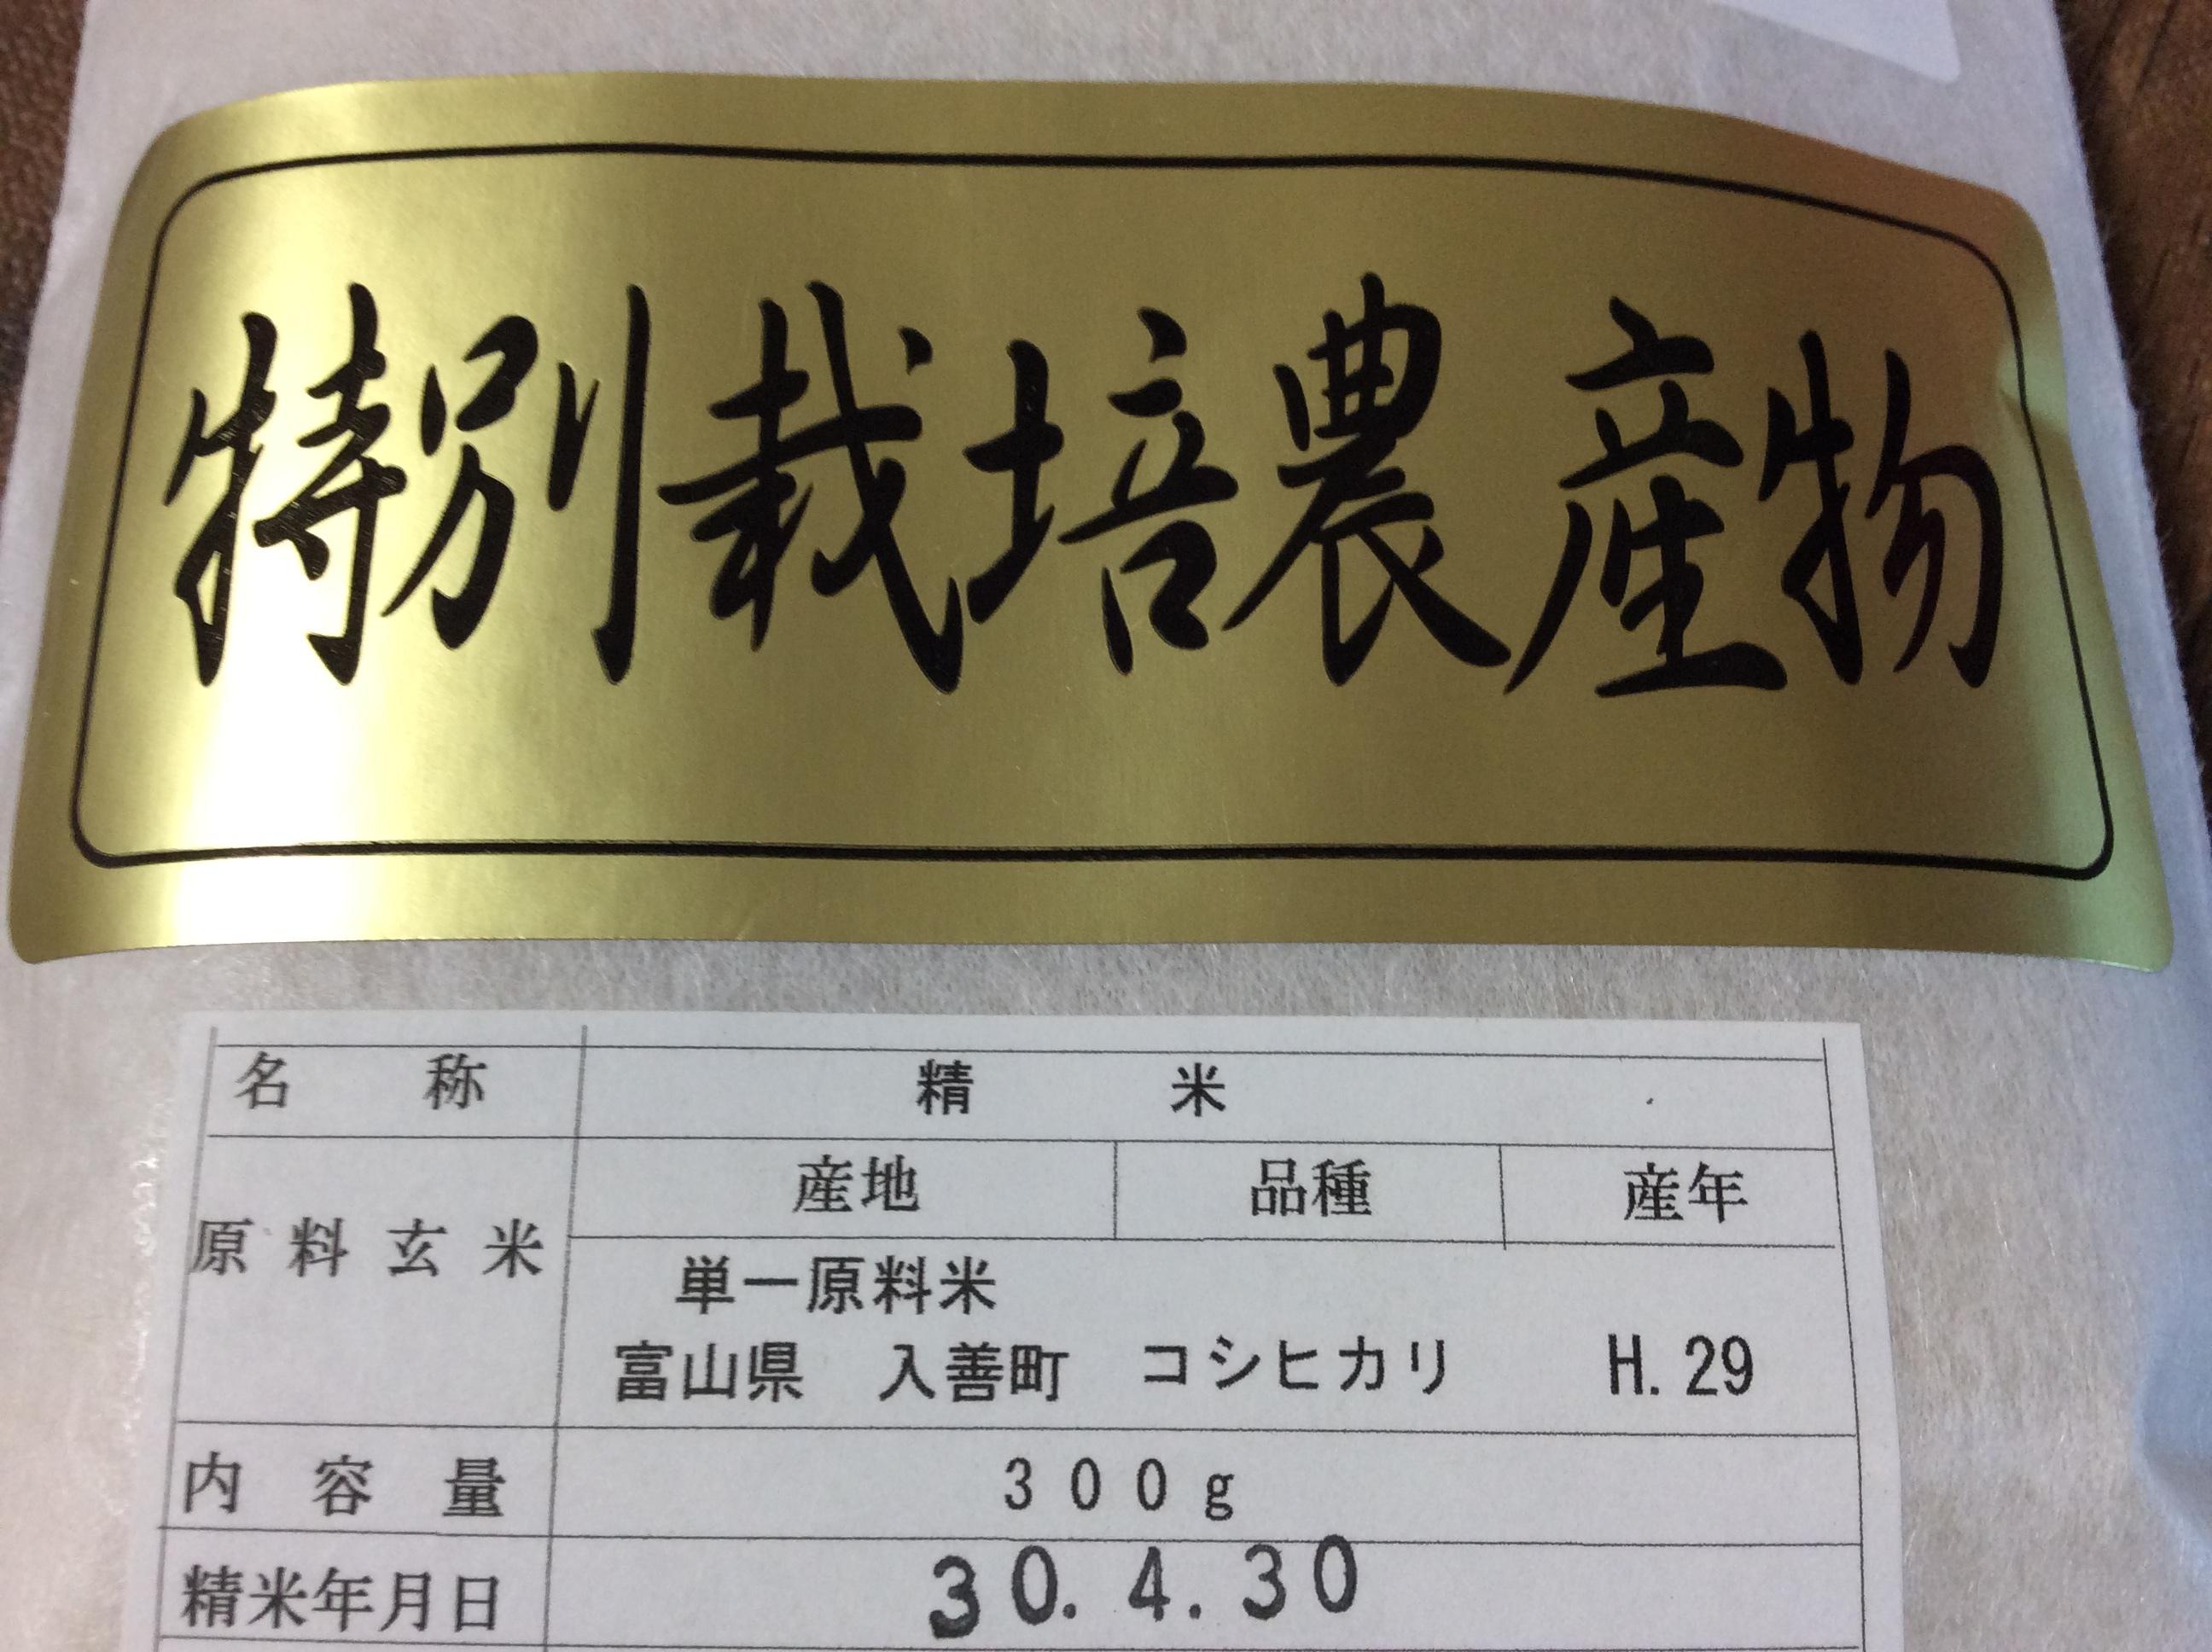 2033319B-1005-474D-B617-C3FDD6F36EFB.jpeg